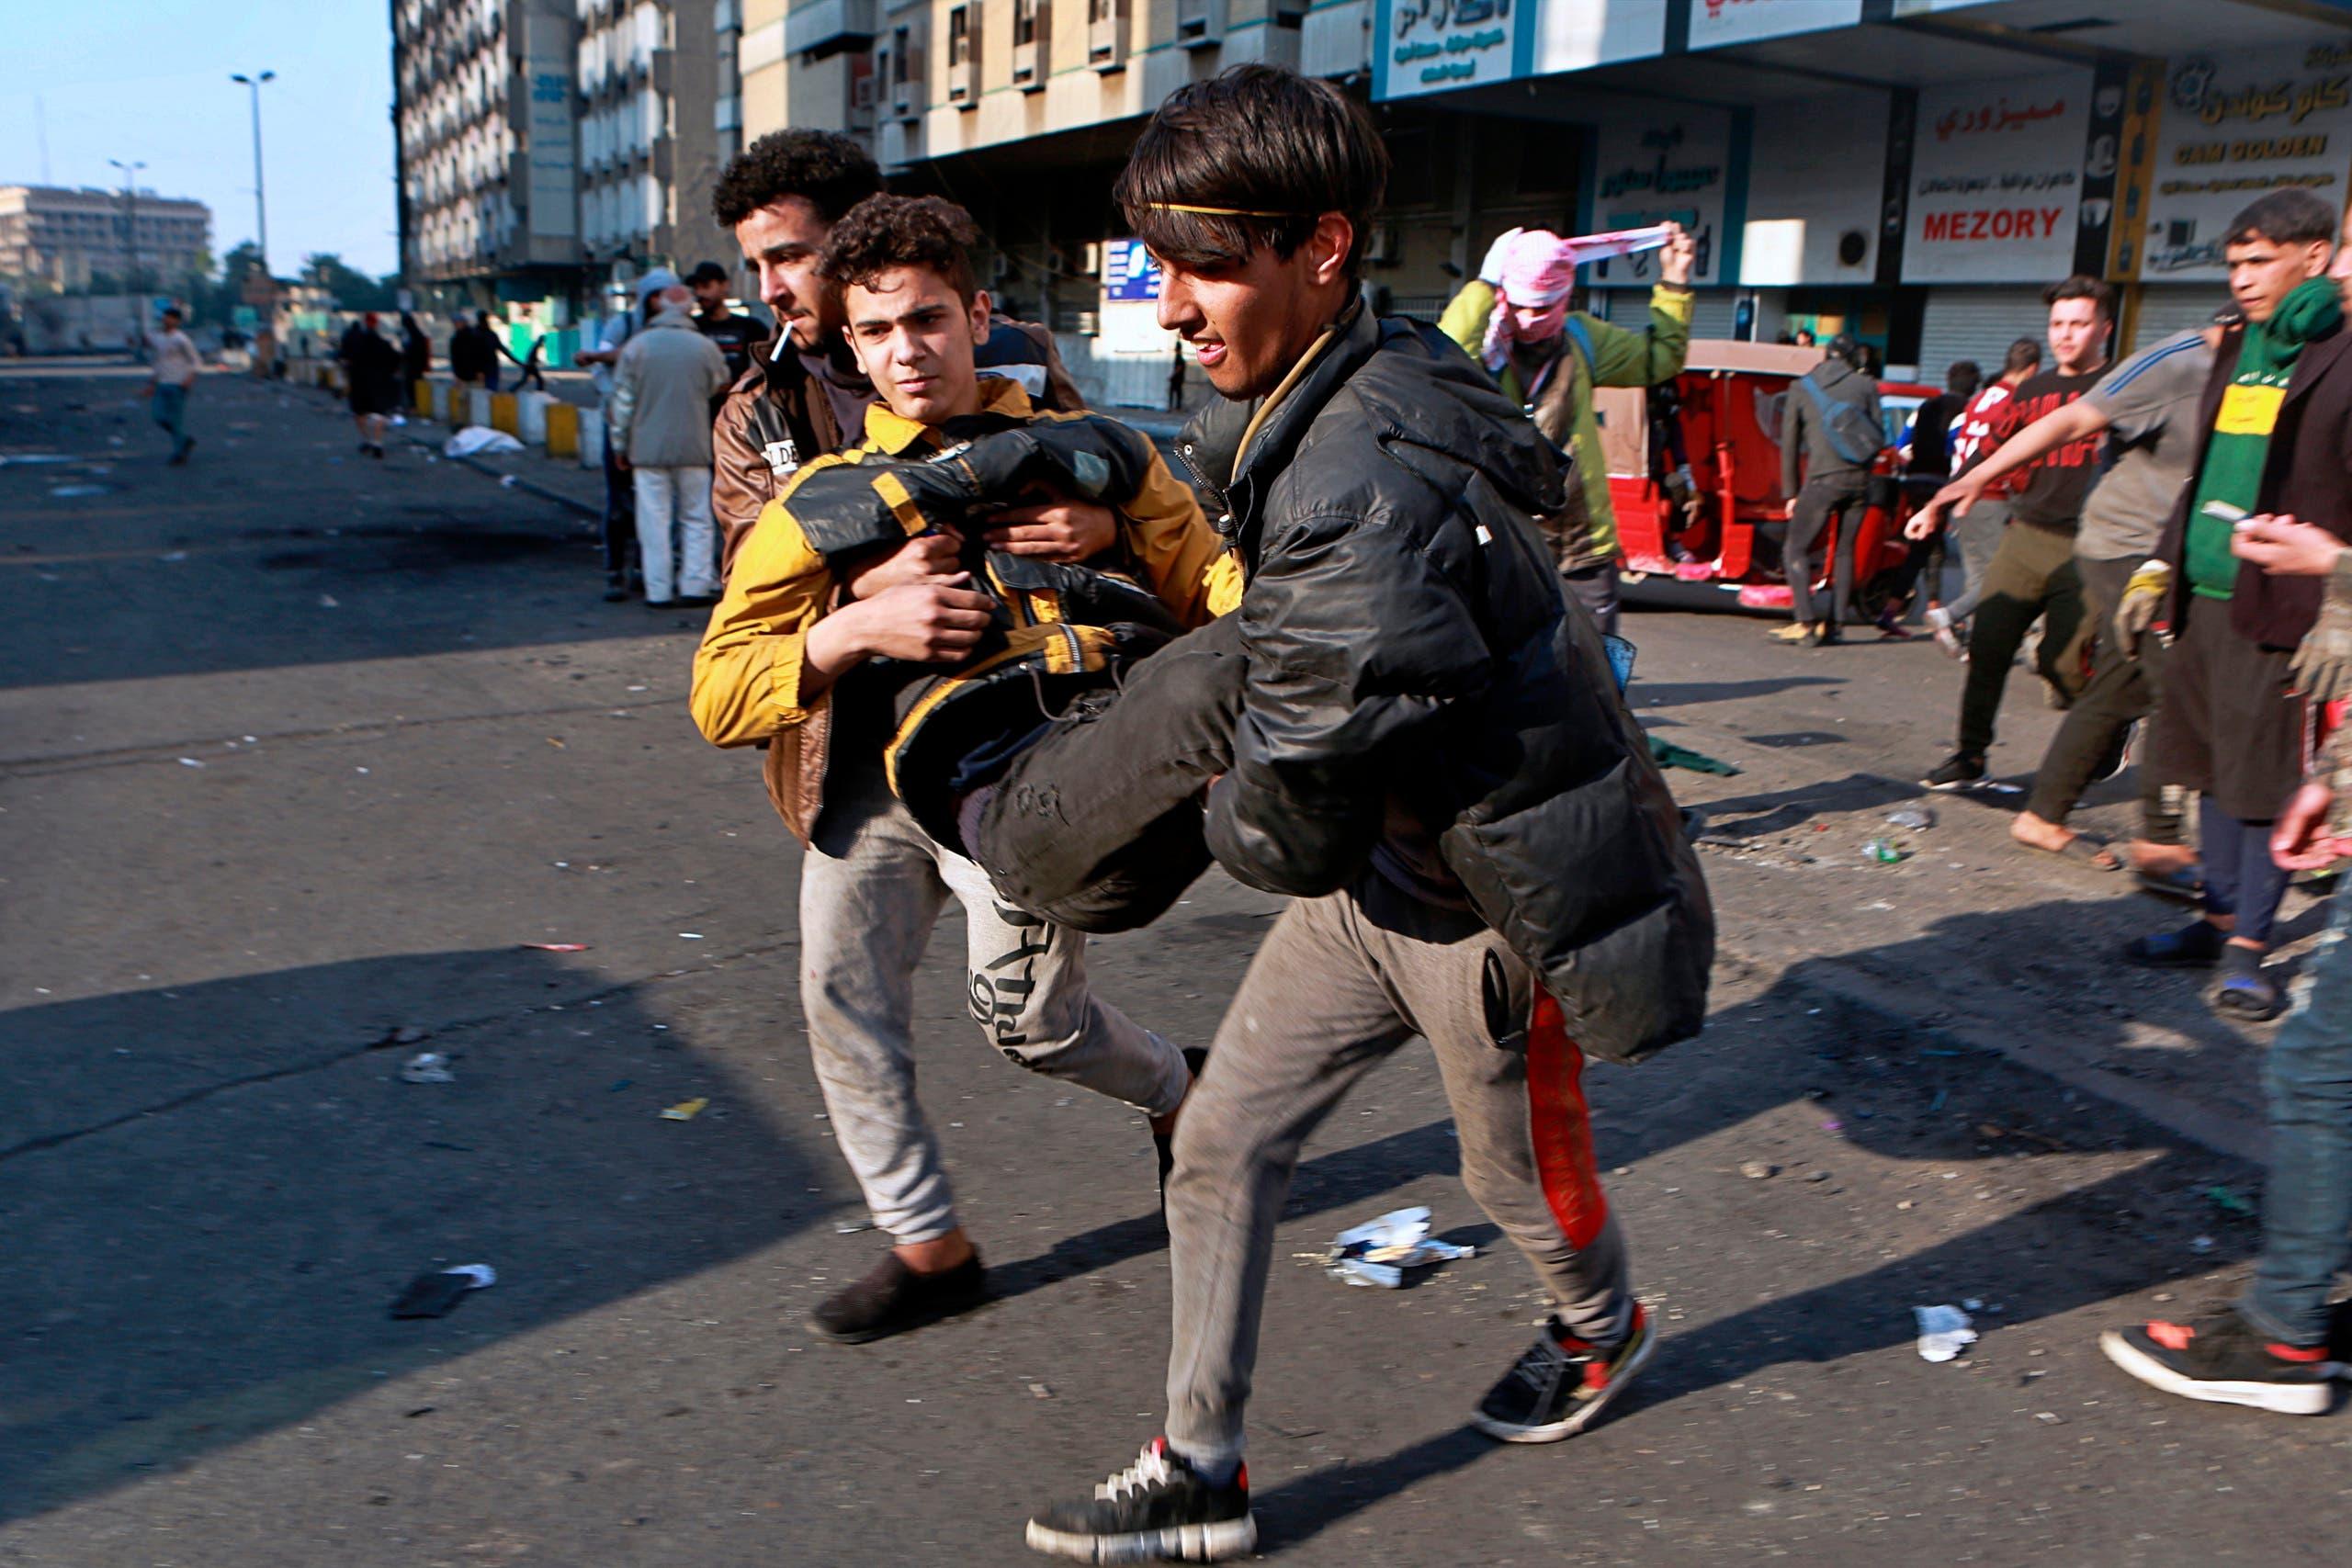 بغداد 17 فبراير - اسوشيتد برس